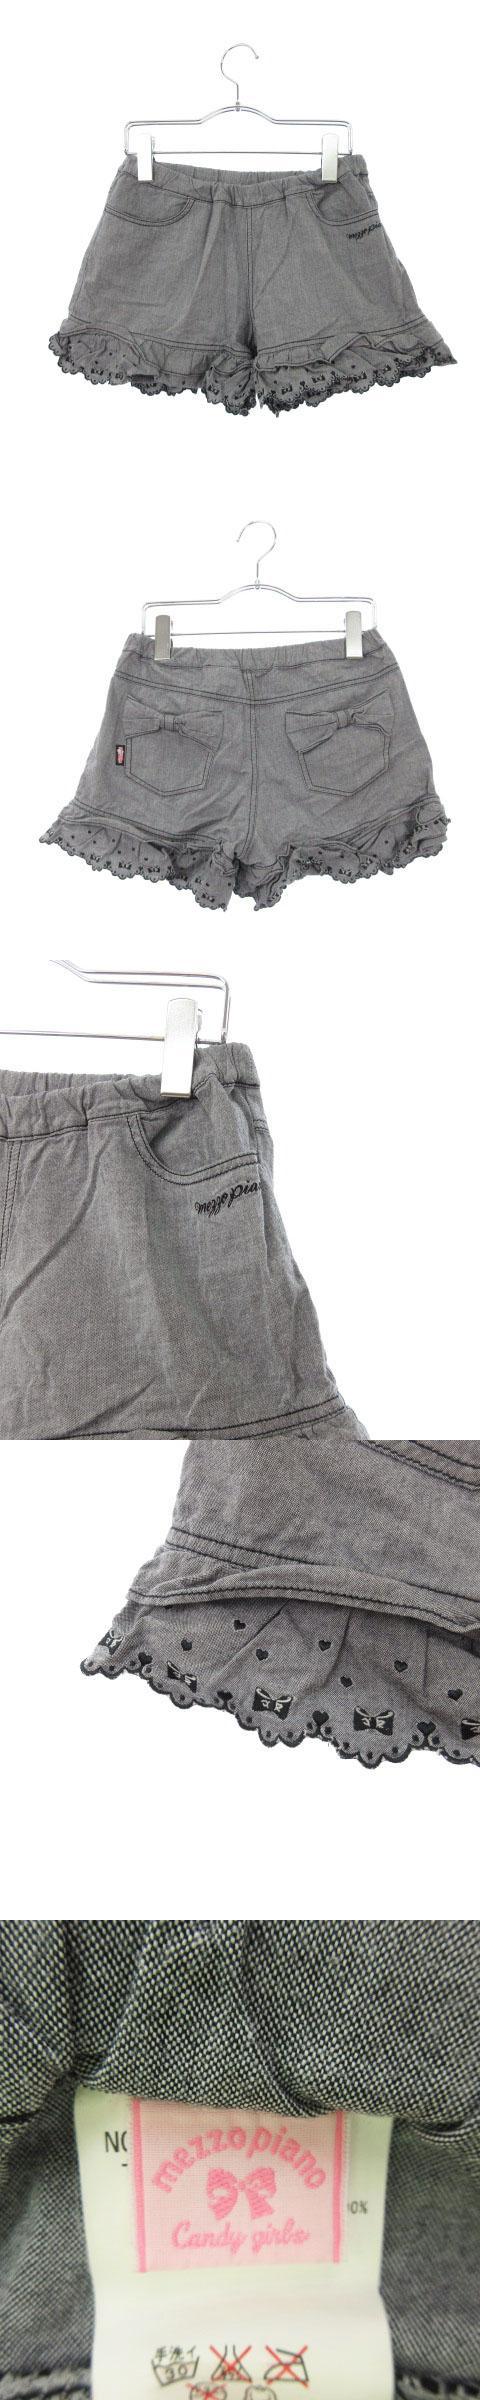 パンツ ショート フリル 150 グレー ☆K☆ /yy0605